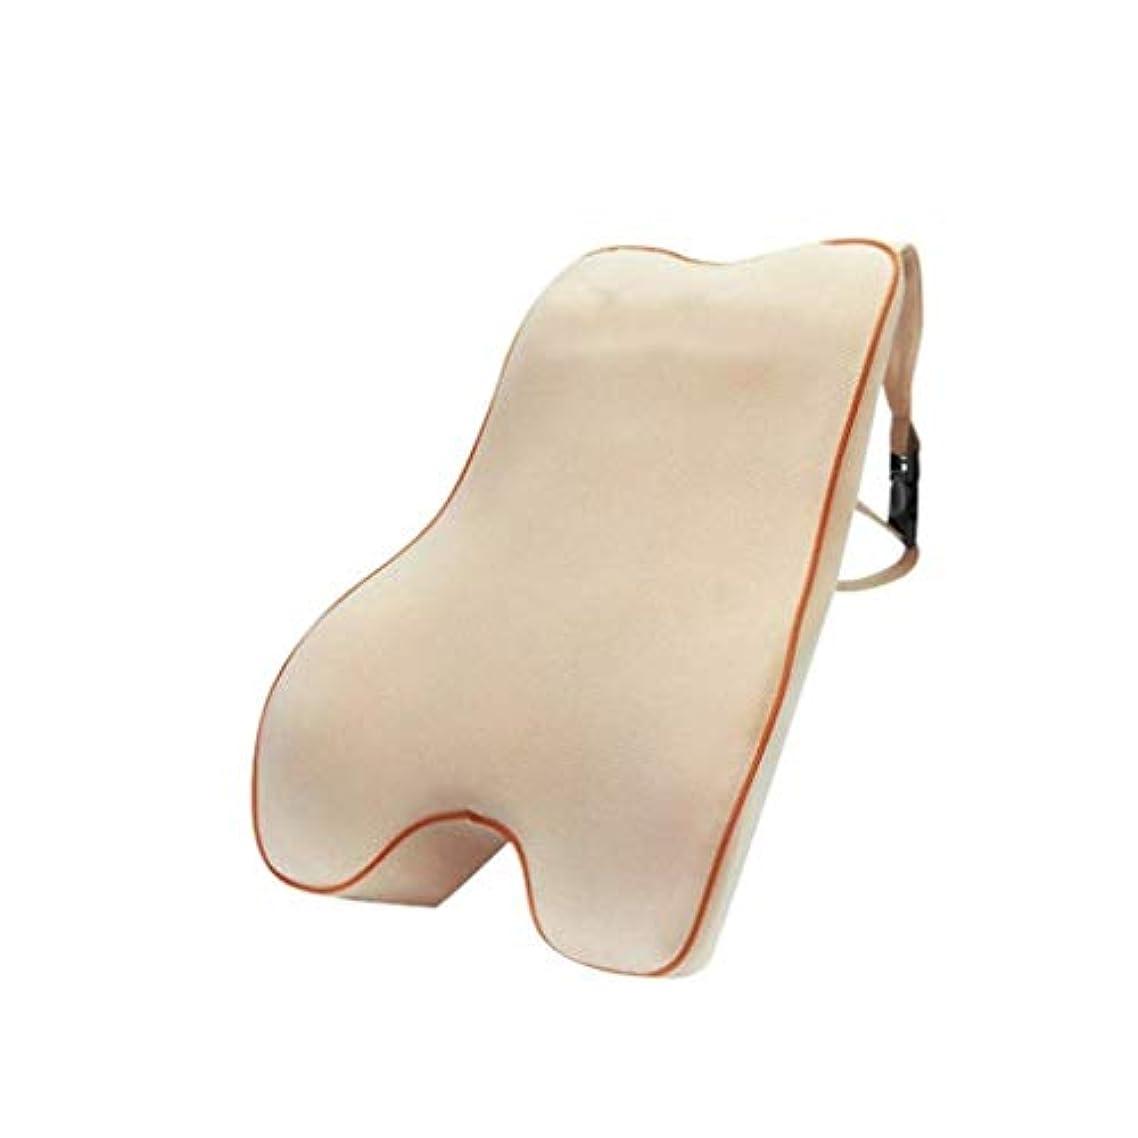 インタビュー扇動かみそり腰椎枕 - 100%低反発腰椎クッション - ポータブル枕 - 整形外科用ウエストサポート枕 - 車のオフィスチェア - 長距離運転オフィスに適した腰痛緩和